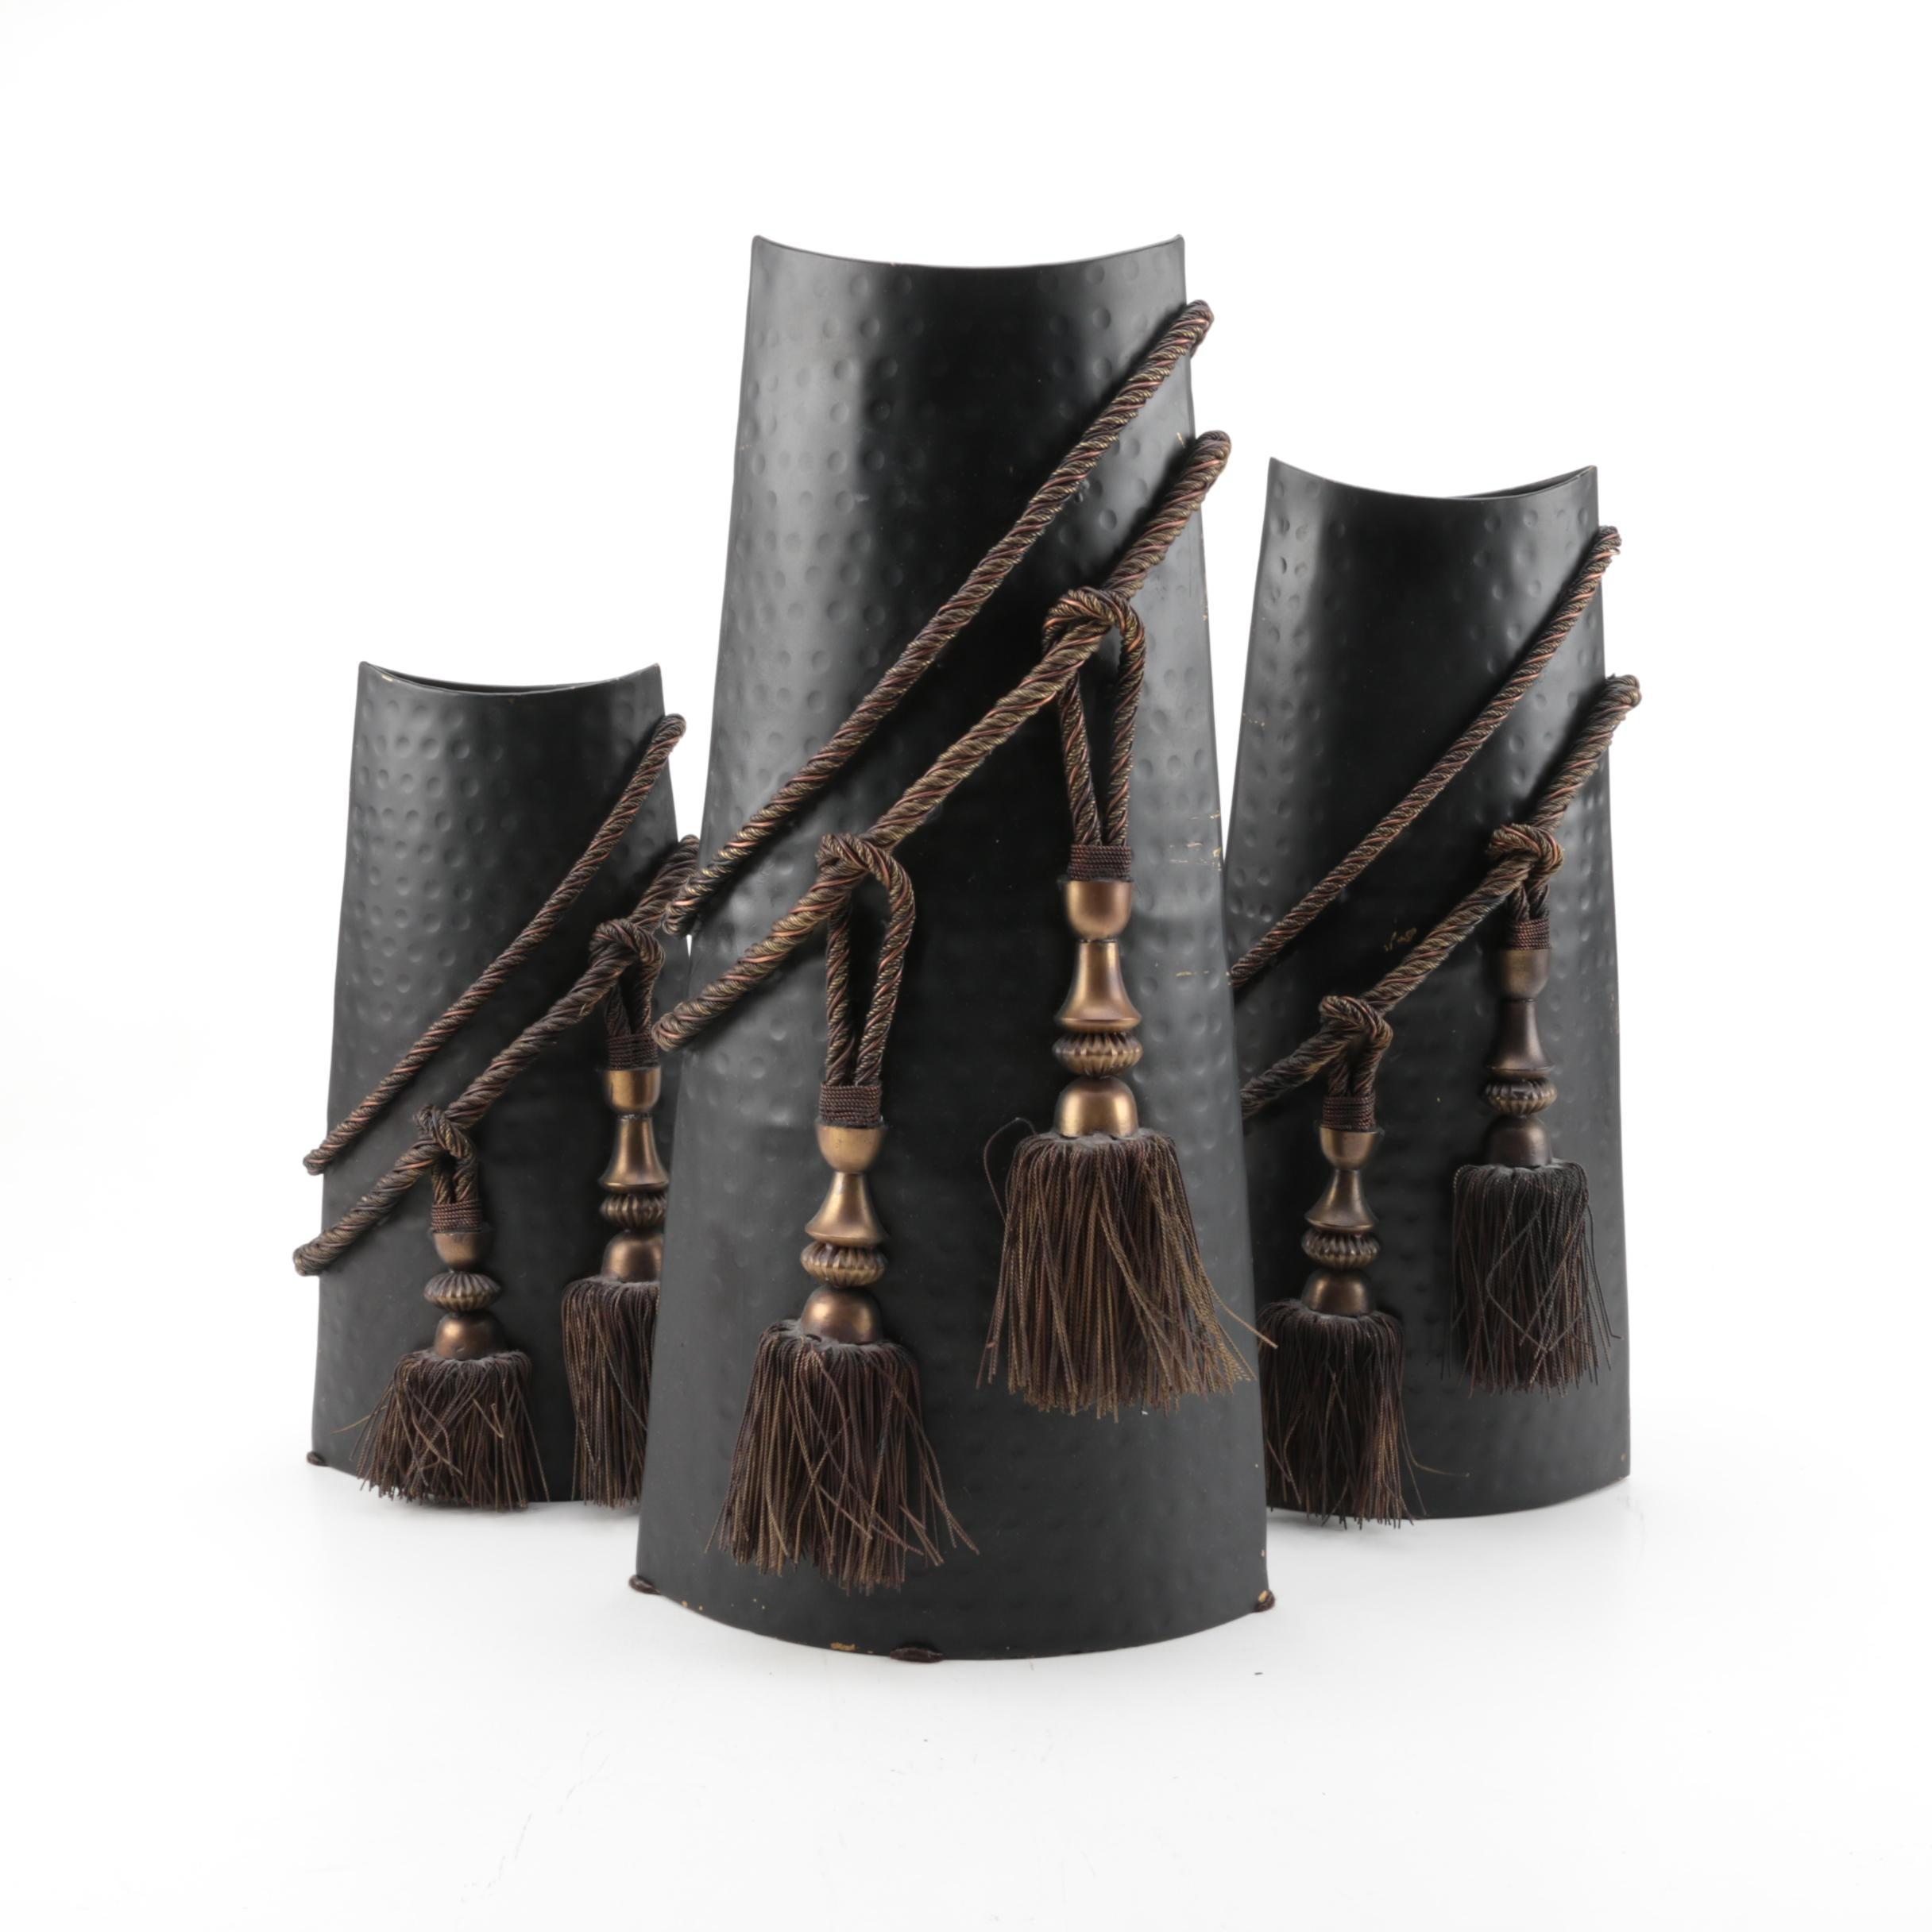 Metal Vases with Tassels